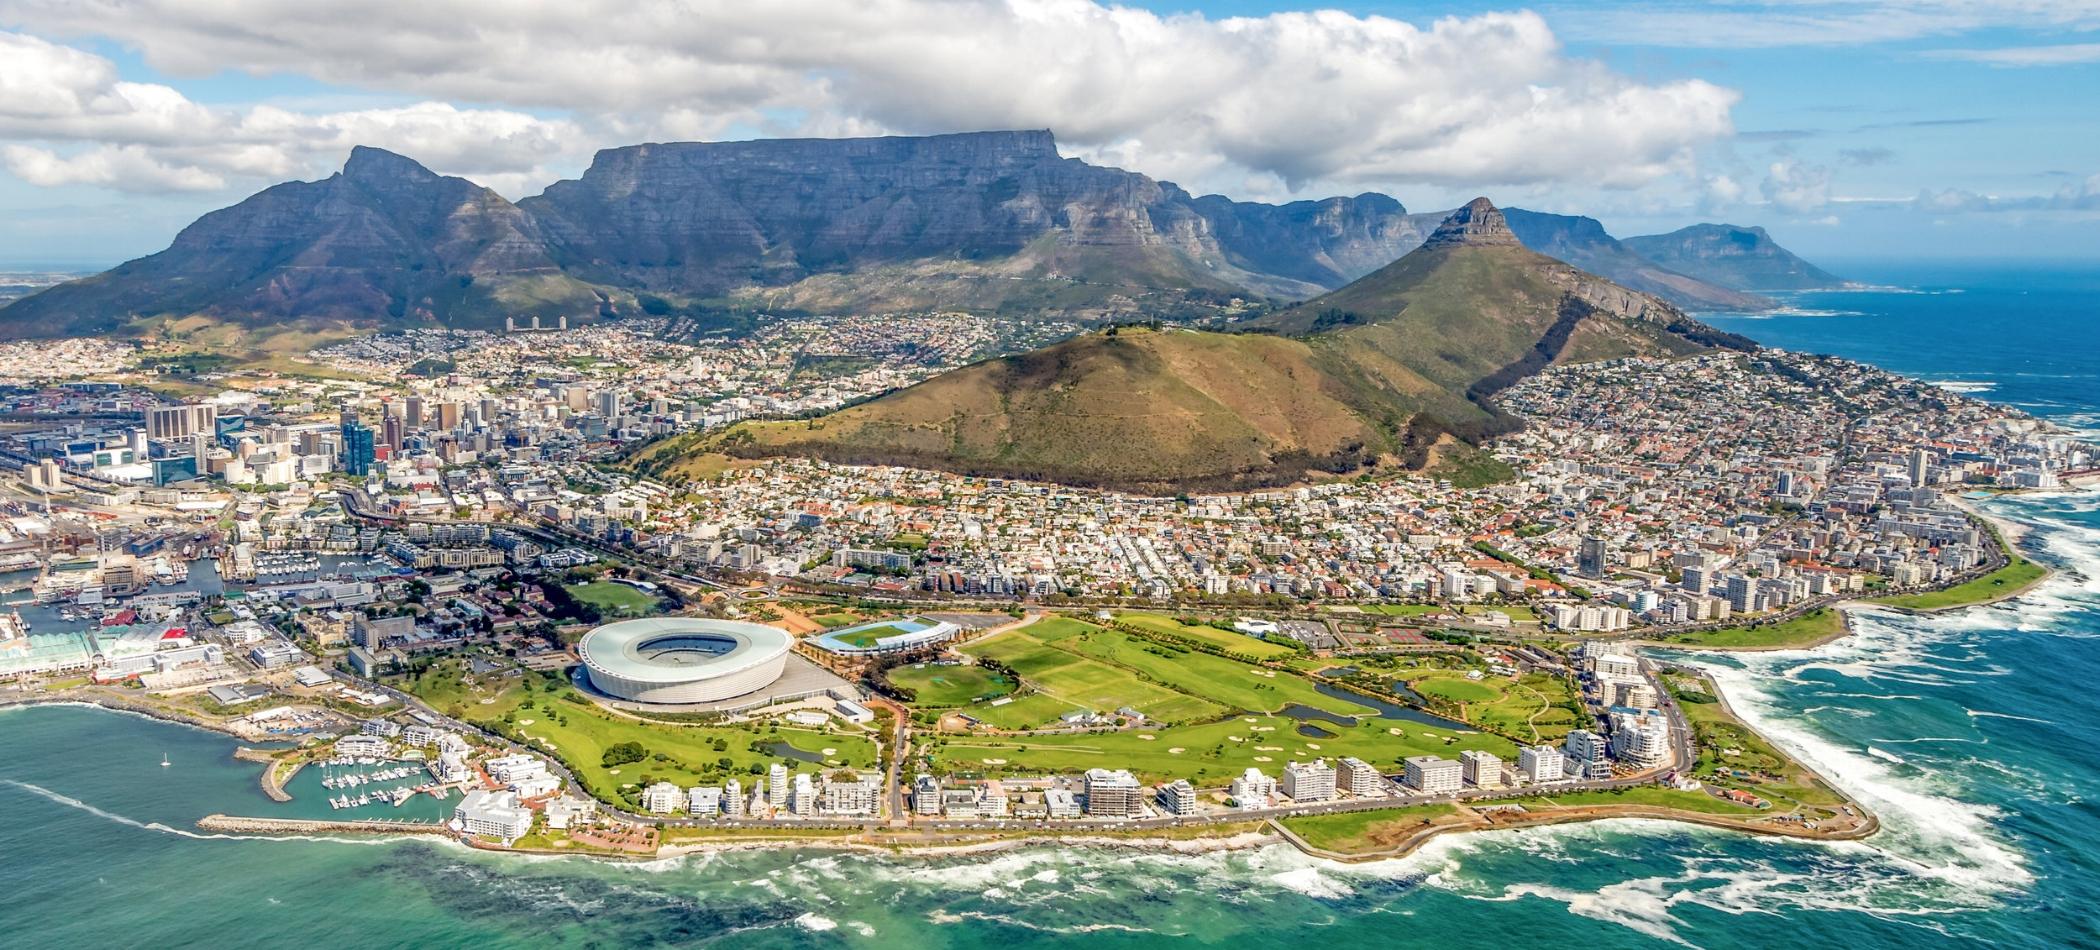 Cape to FallsSouth Africa - Retreats